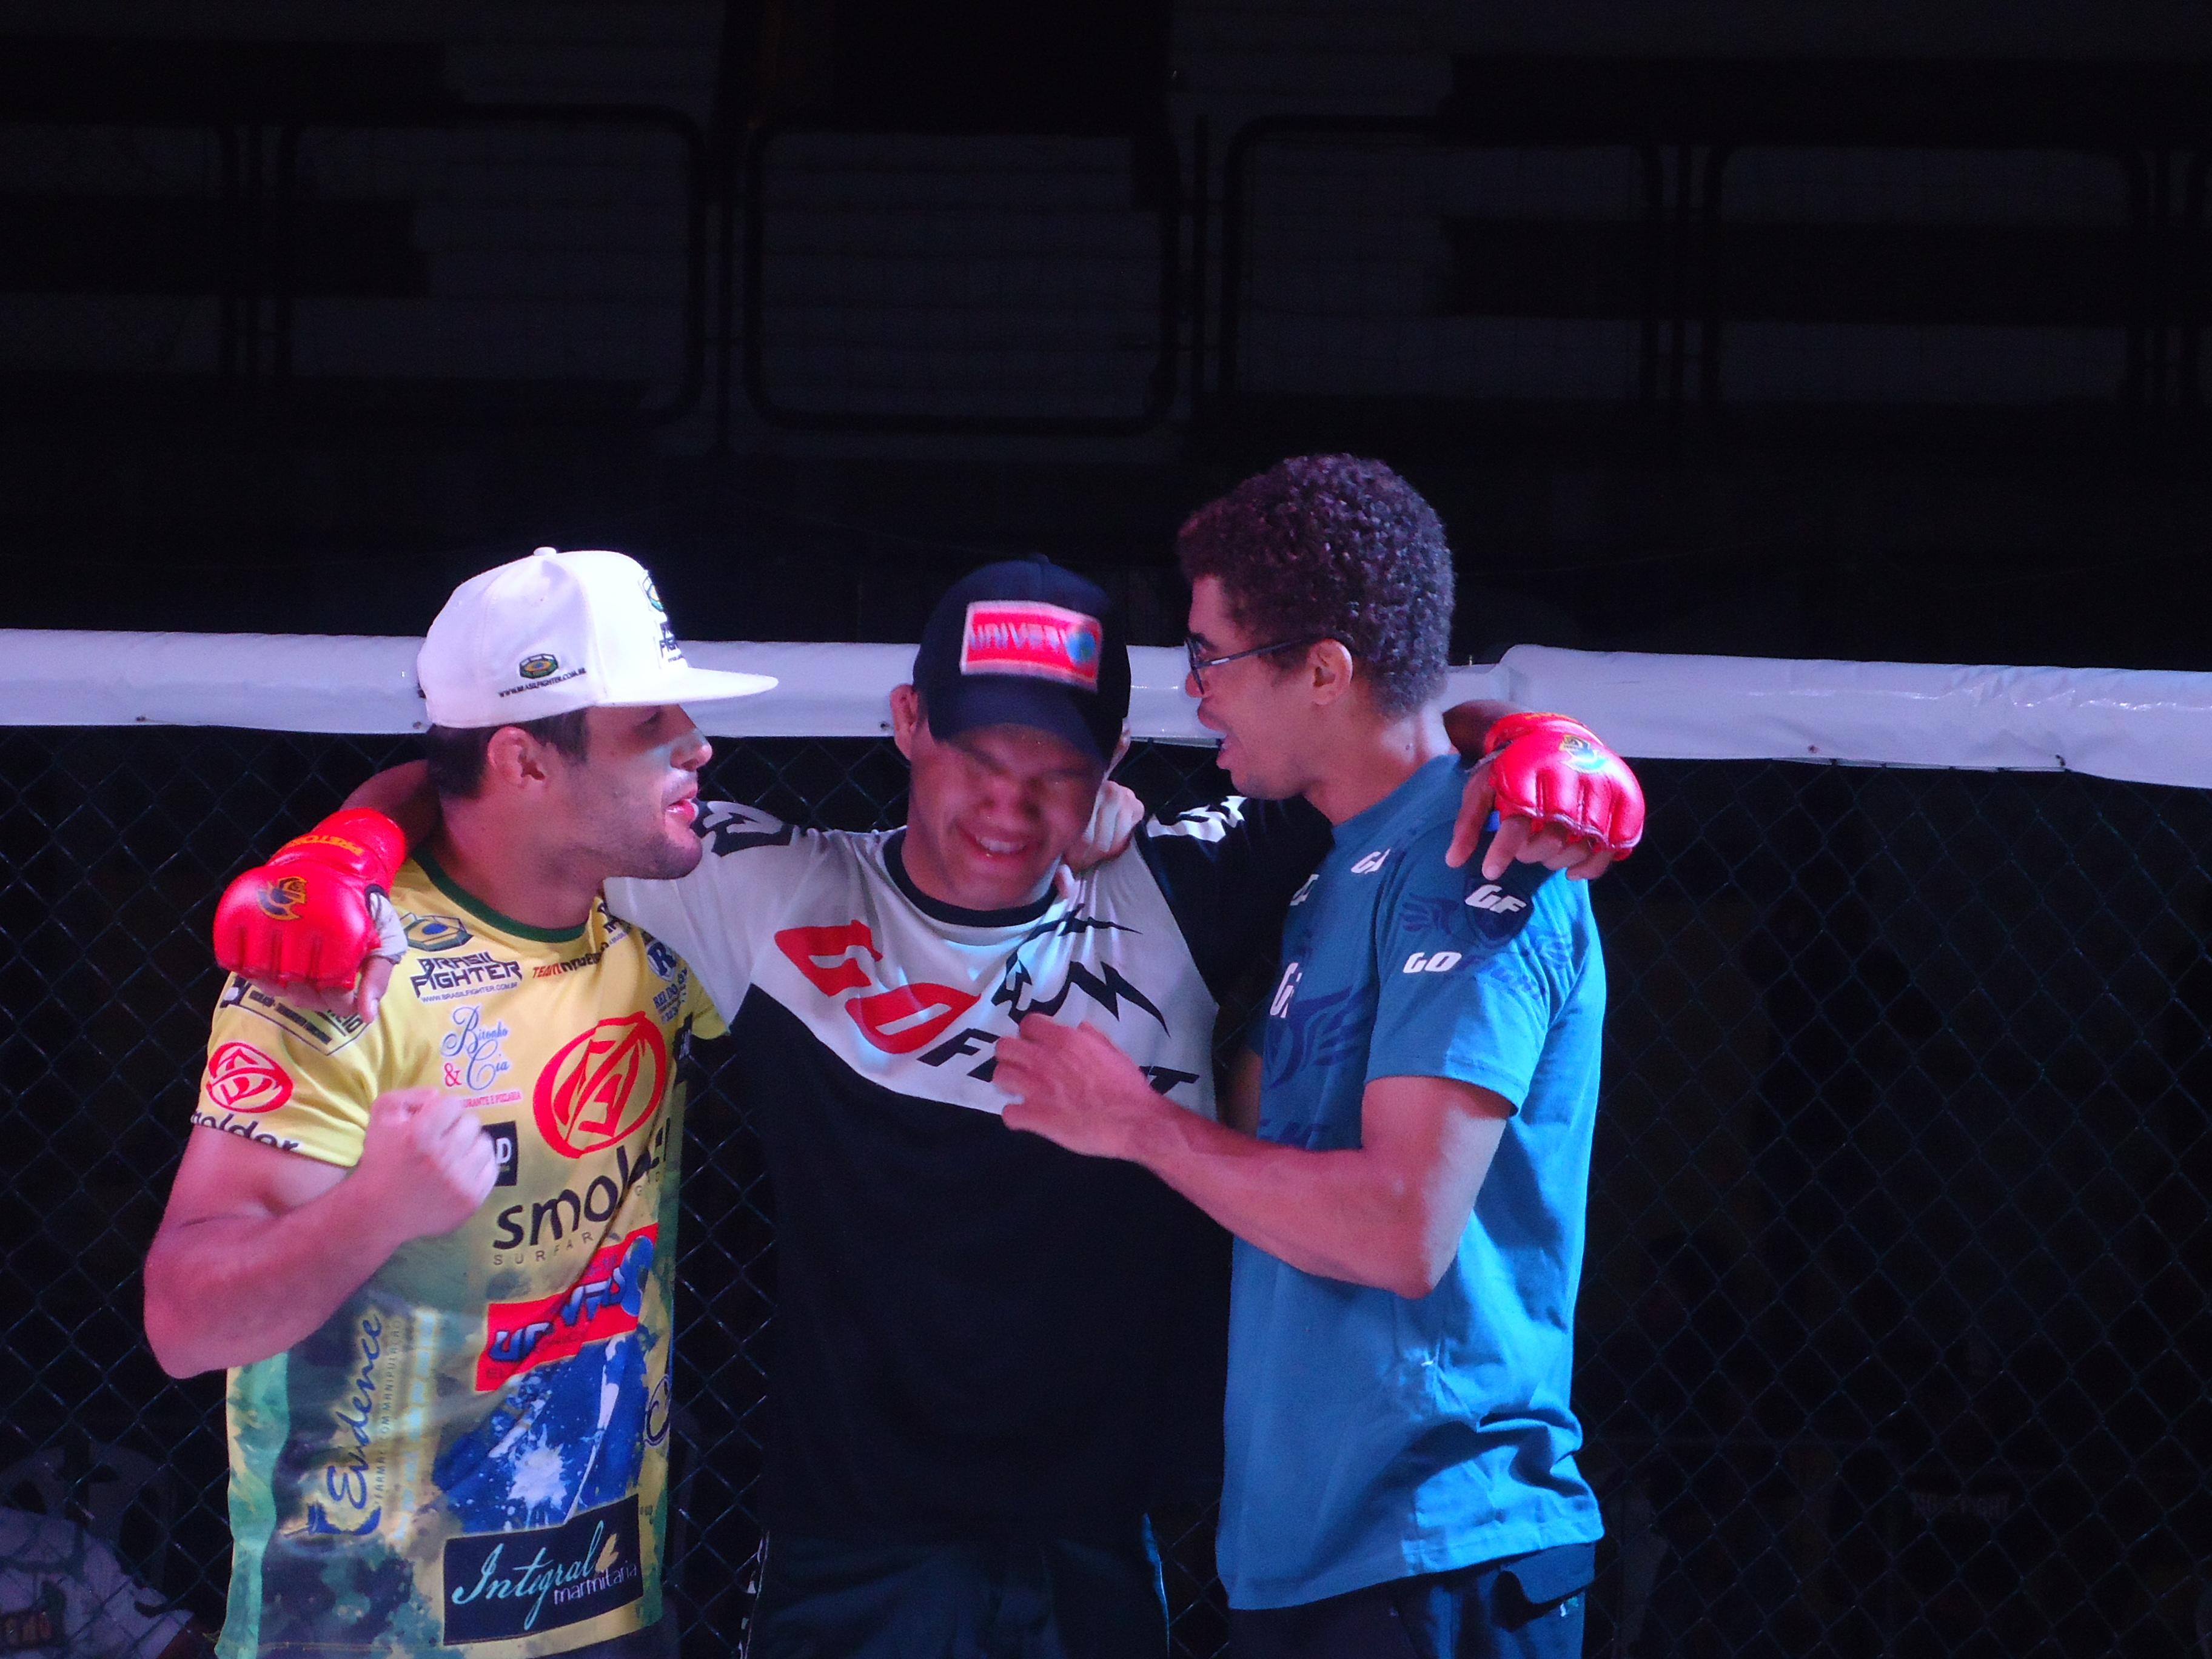 Eric emocionado após o título ao lado de seus treinadores. Foto: Bruno Balacó/O POVO